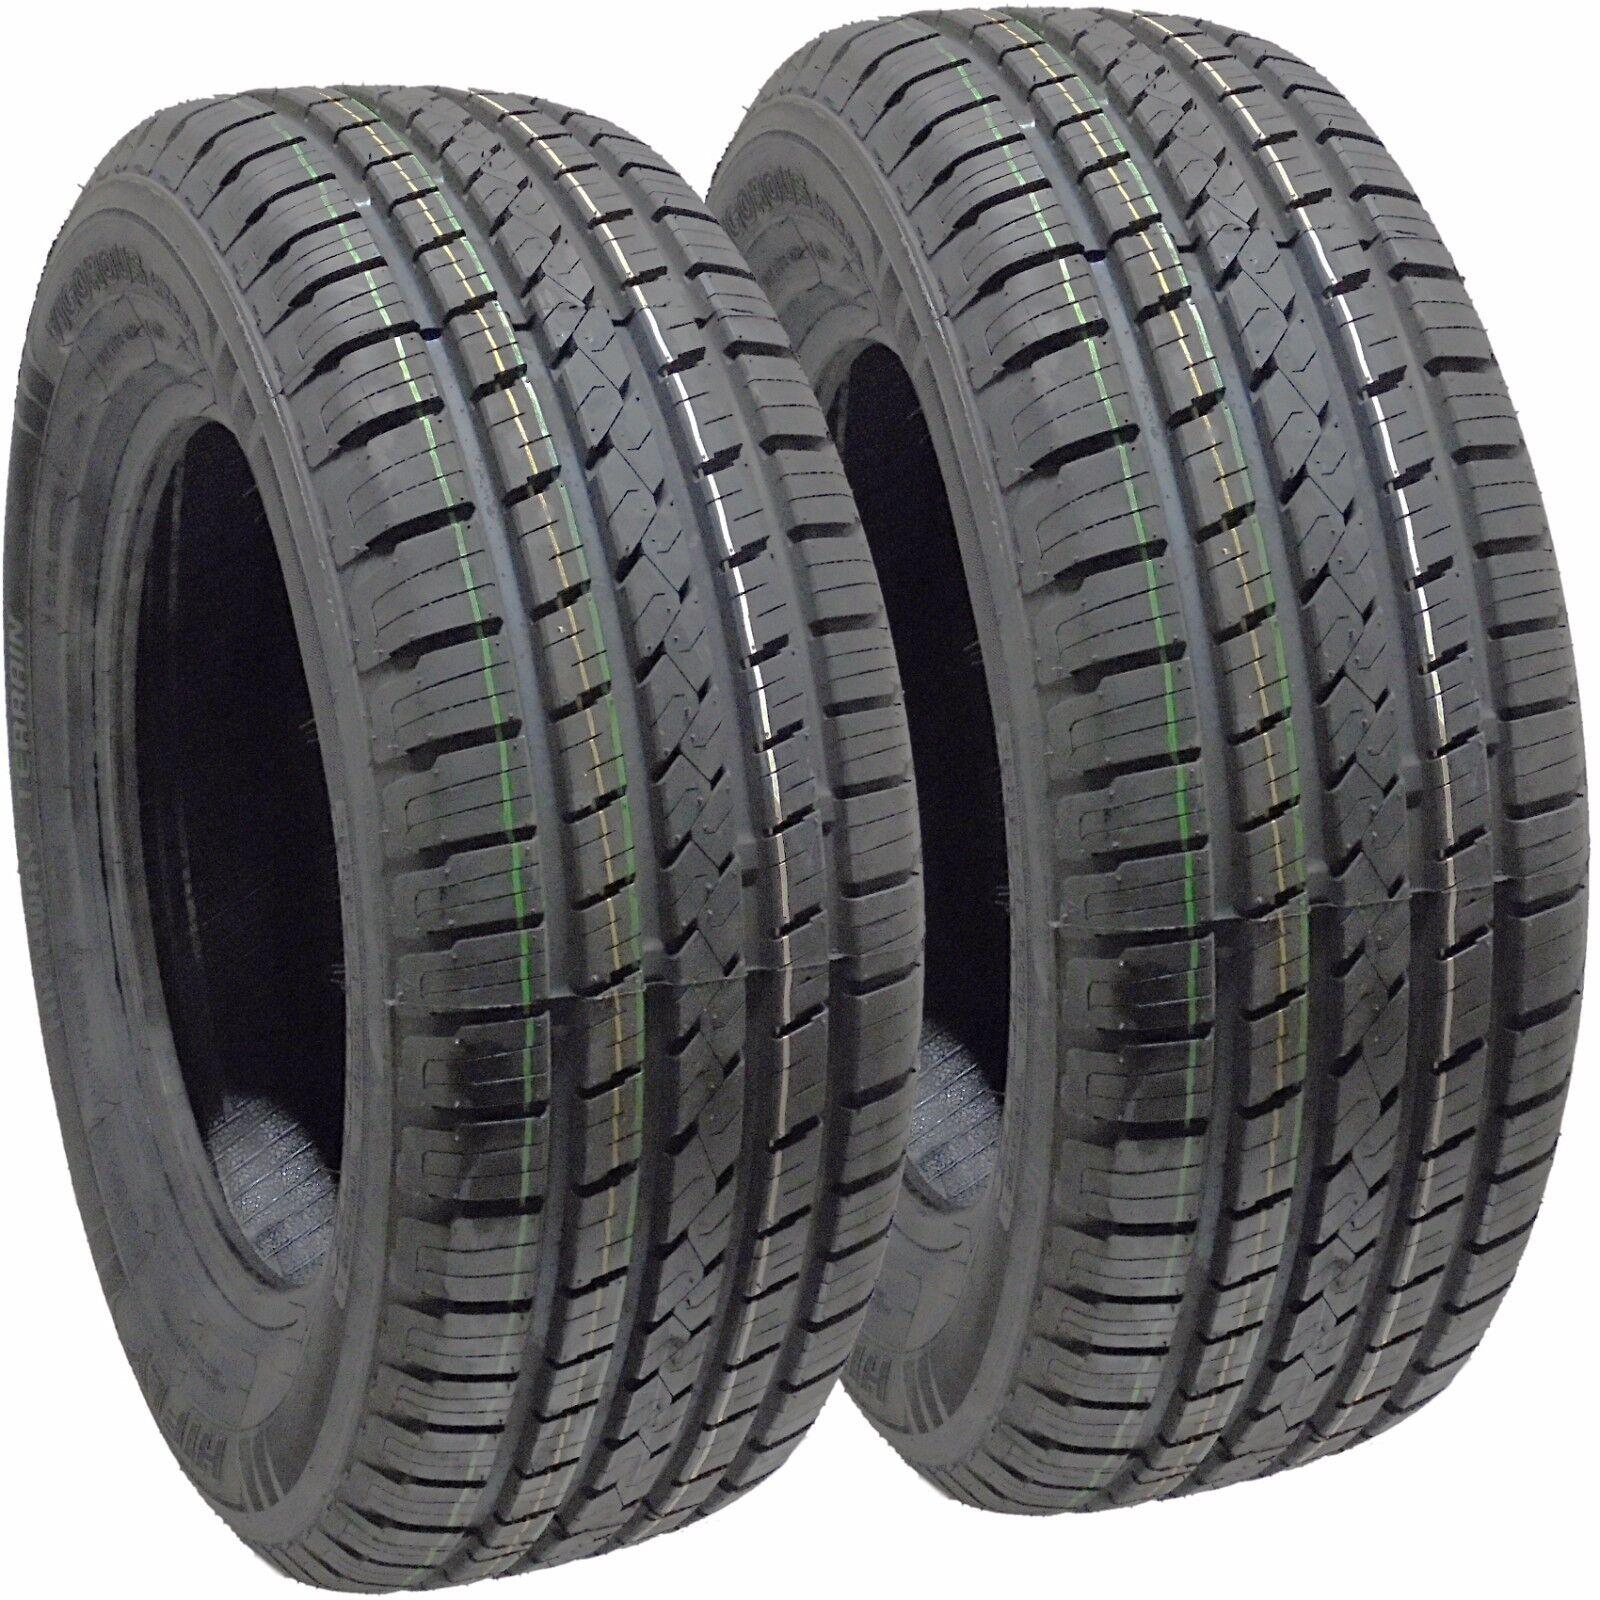 ebay.co.uk car tyres 235 60 r16